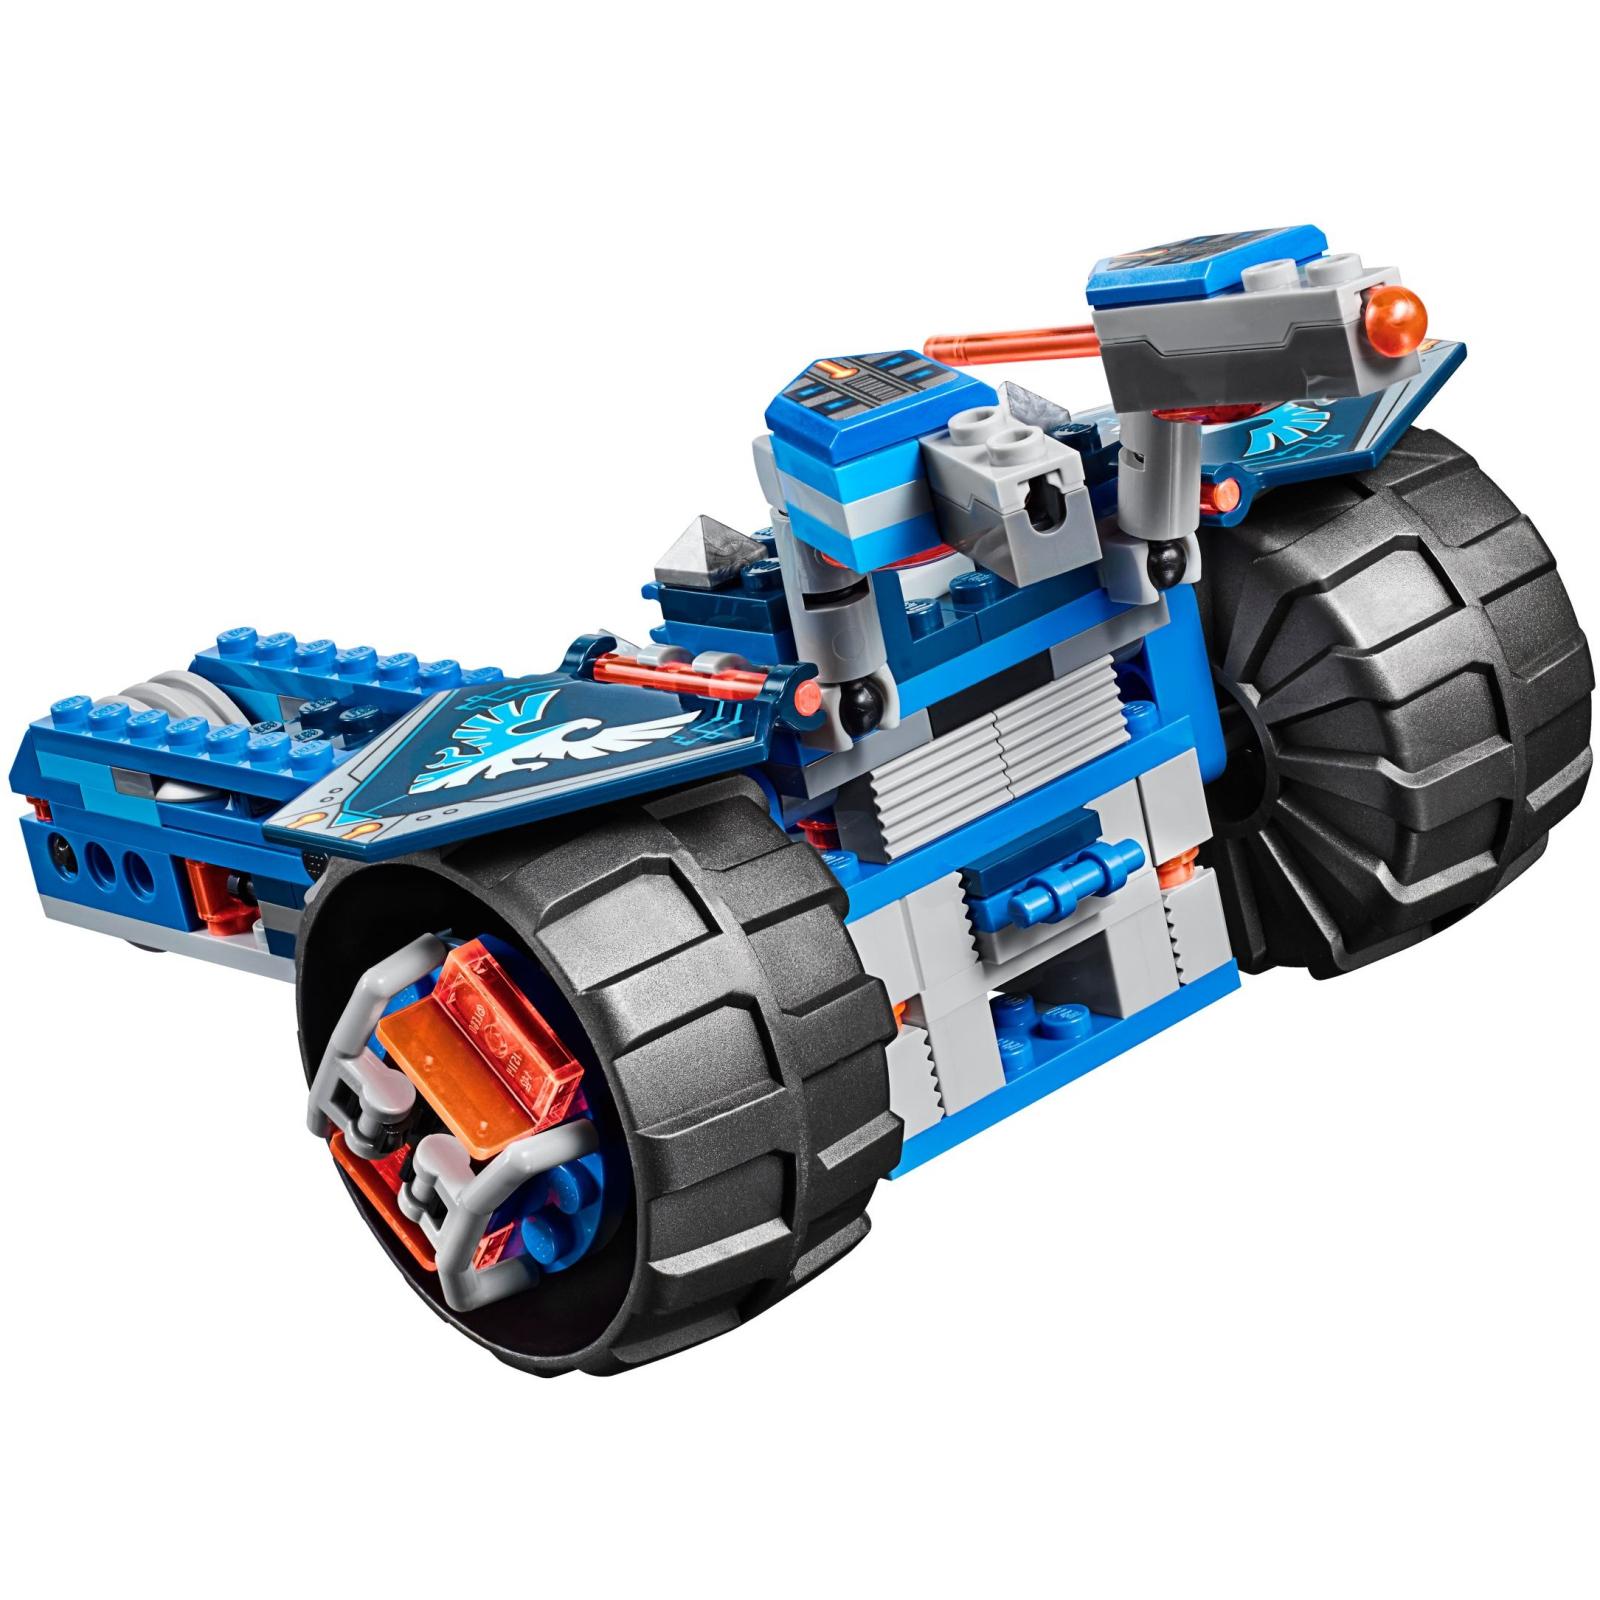 Конструктор LEGO Nexo Knights Устрашающий разрушитель Клэя (70315) изображение 5